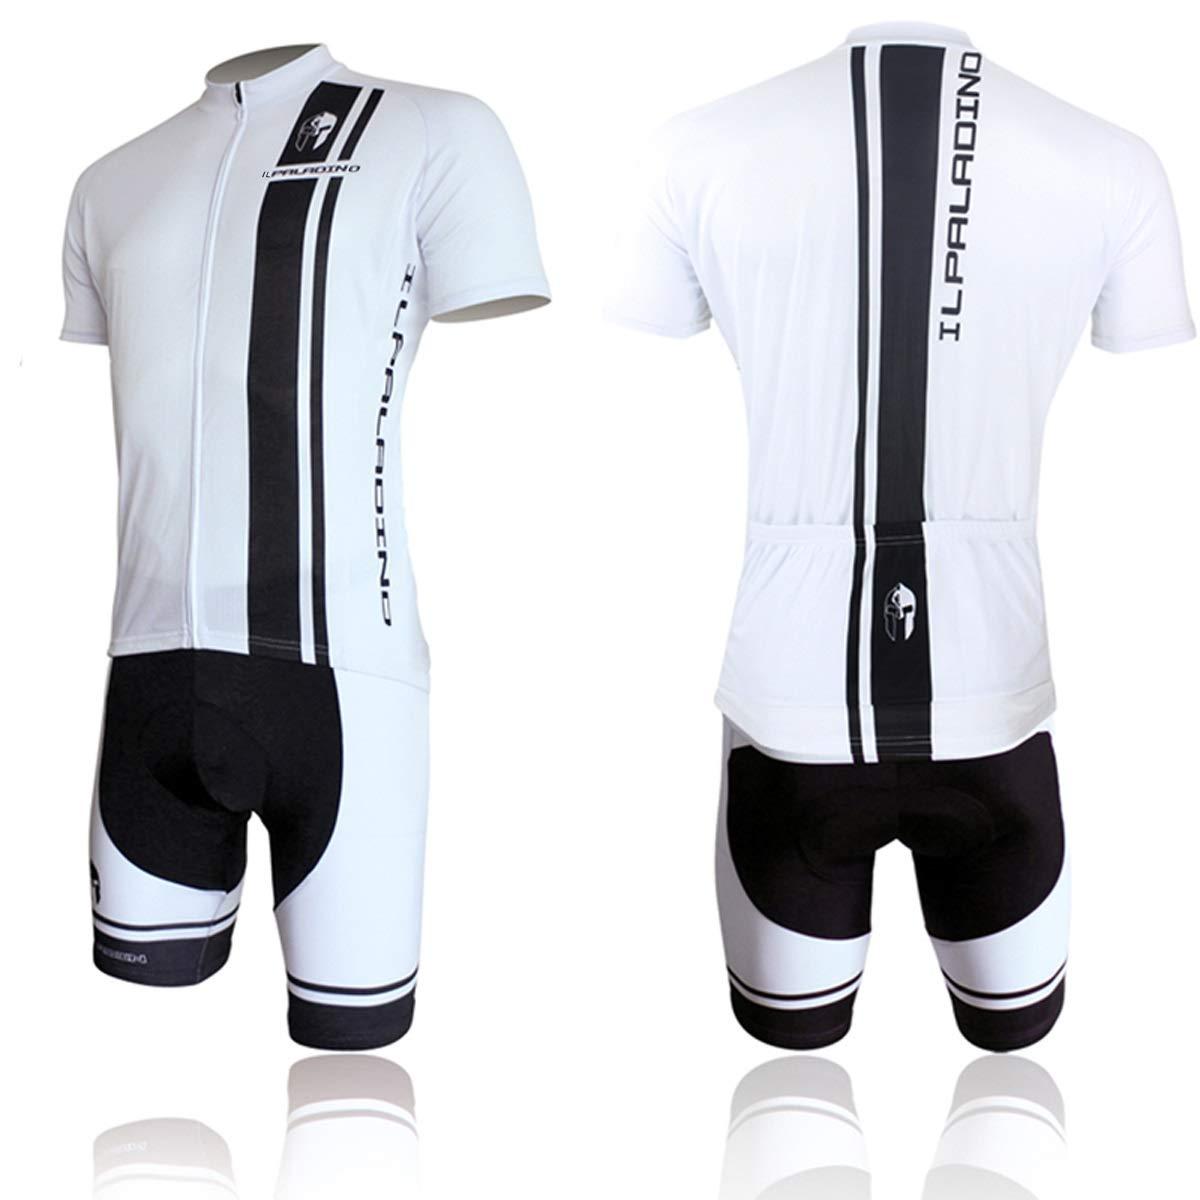 Fahrrad Reitanzug Radfahren Sport Reiten Hosen Sedition Reiten Sommer Herren Shorts Bike Jersey Fahrradtrikot LPLHJD